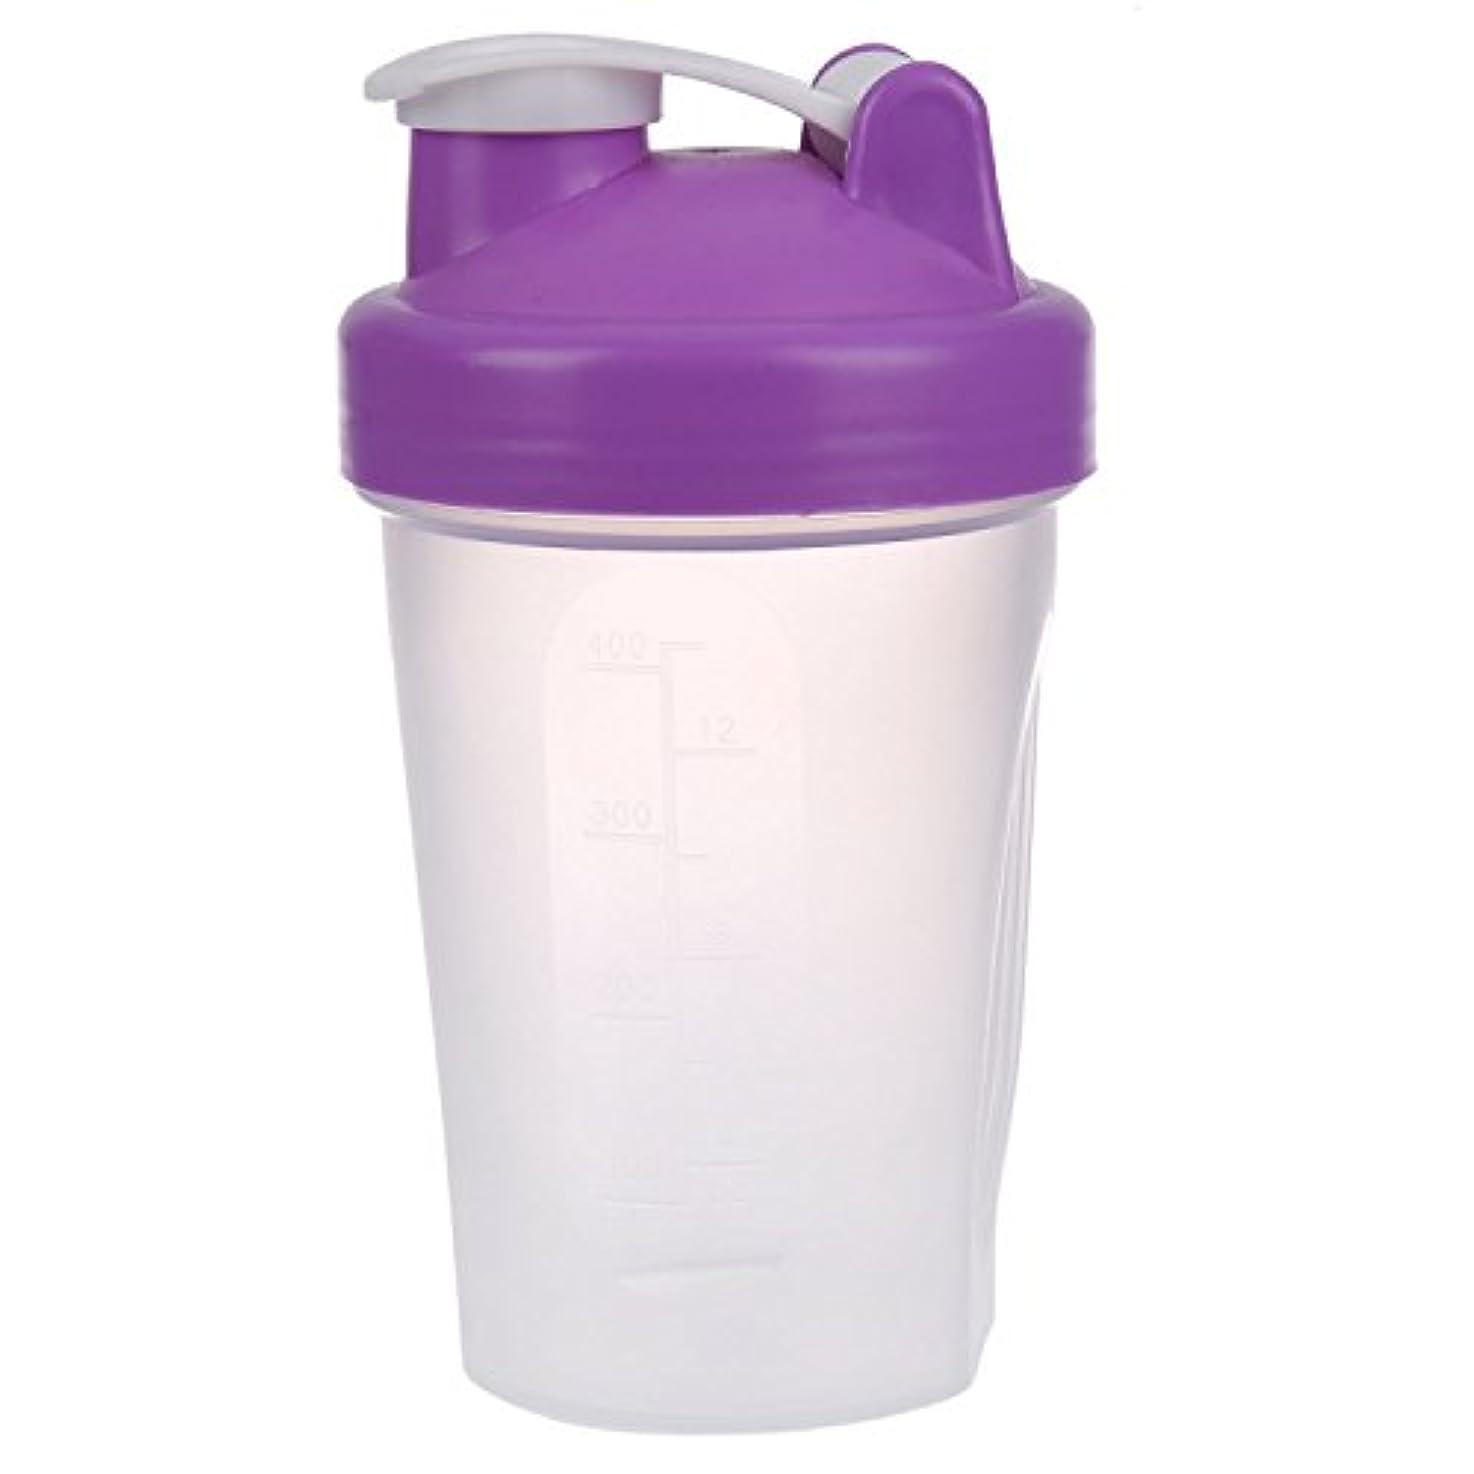 神話ピグマリオンスケルトンTOOGOO スマートシェイク ジムプロテインシェーカー ミキサーカップミキサーボトル 紫